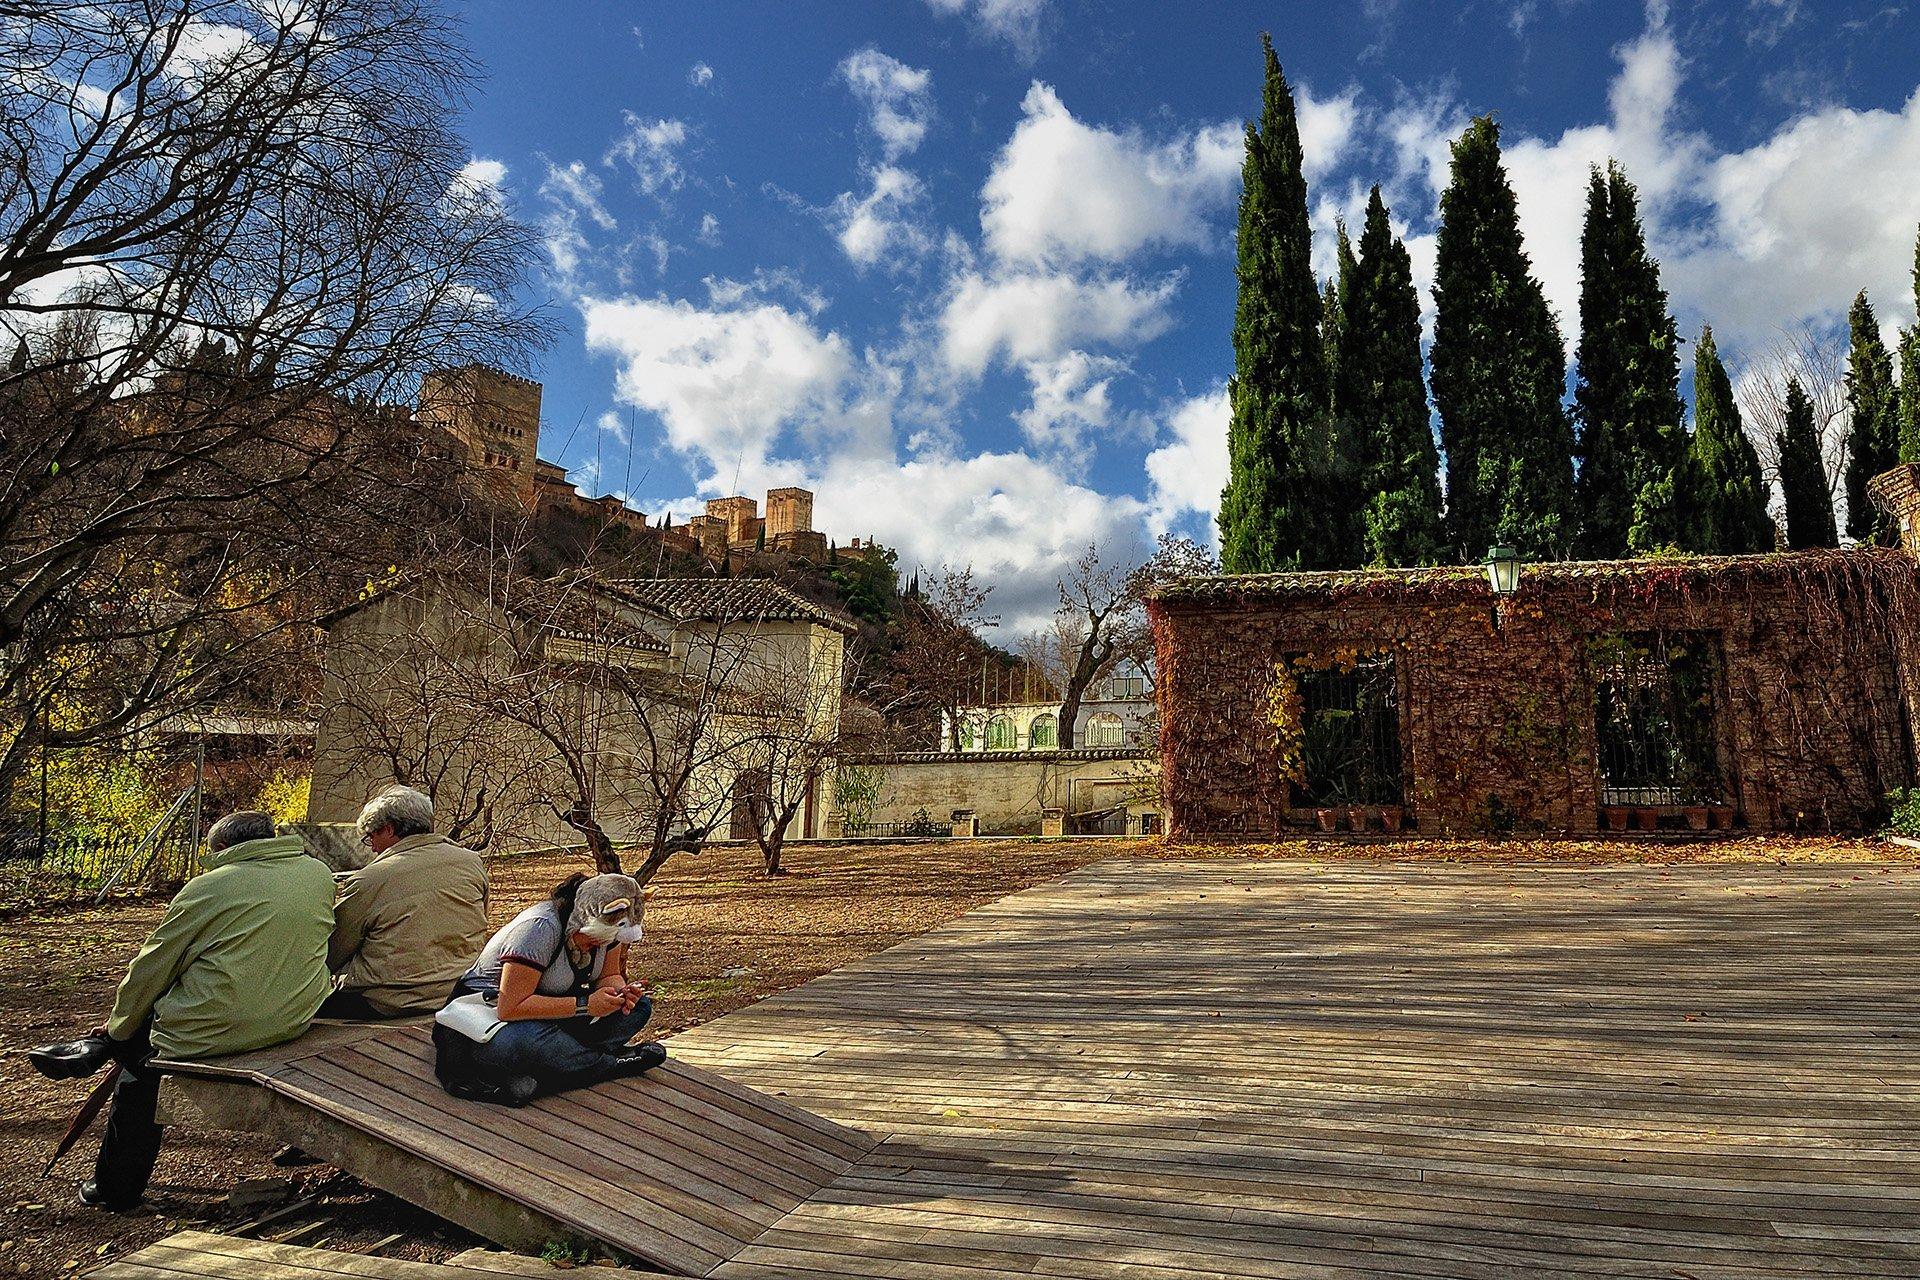 el hamra sarayı bahçesi